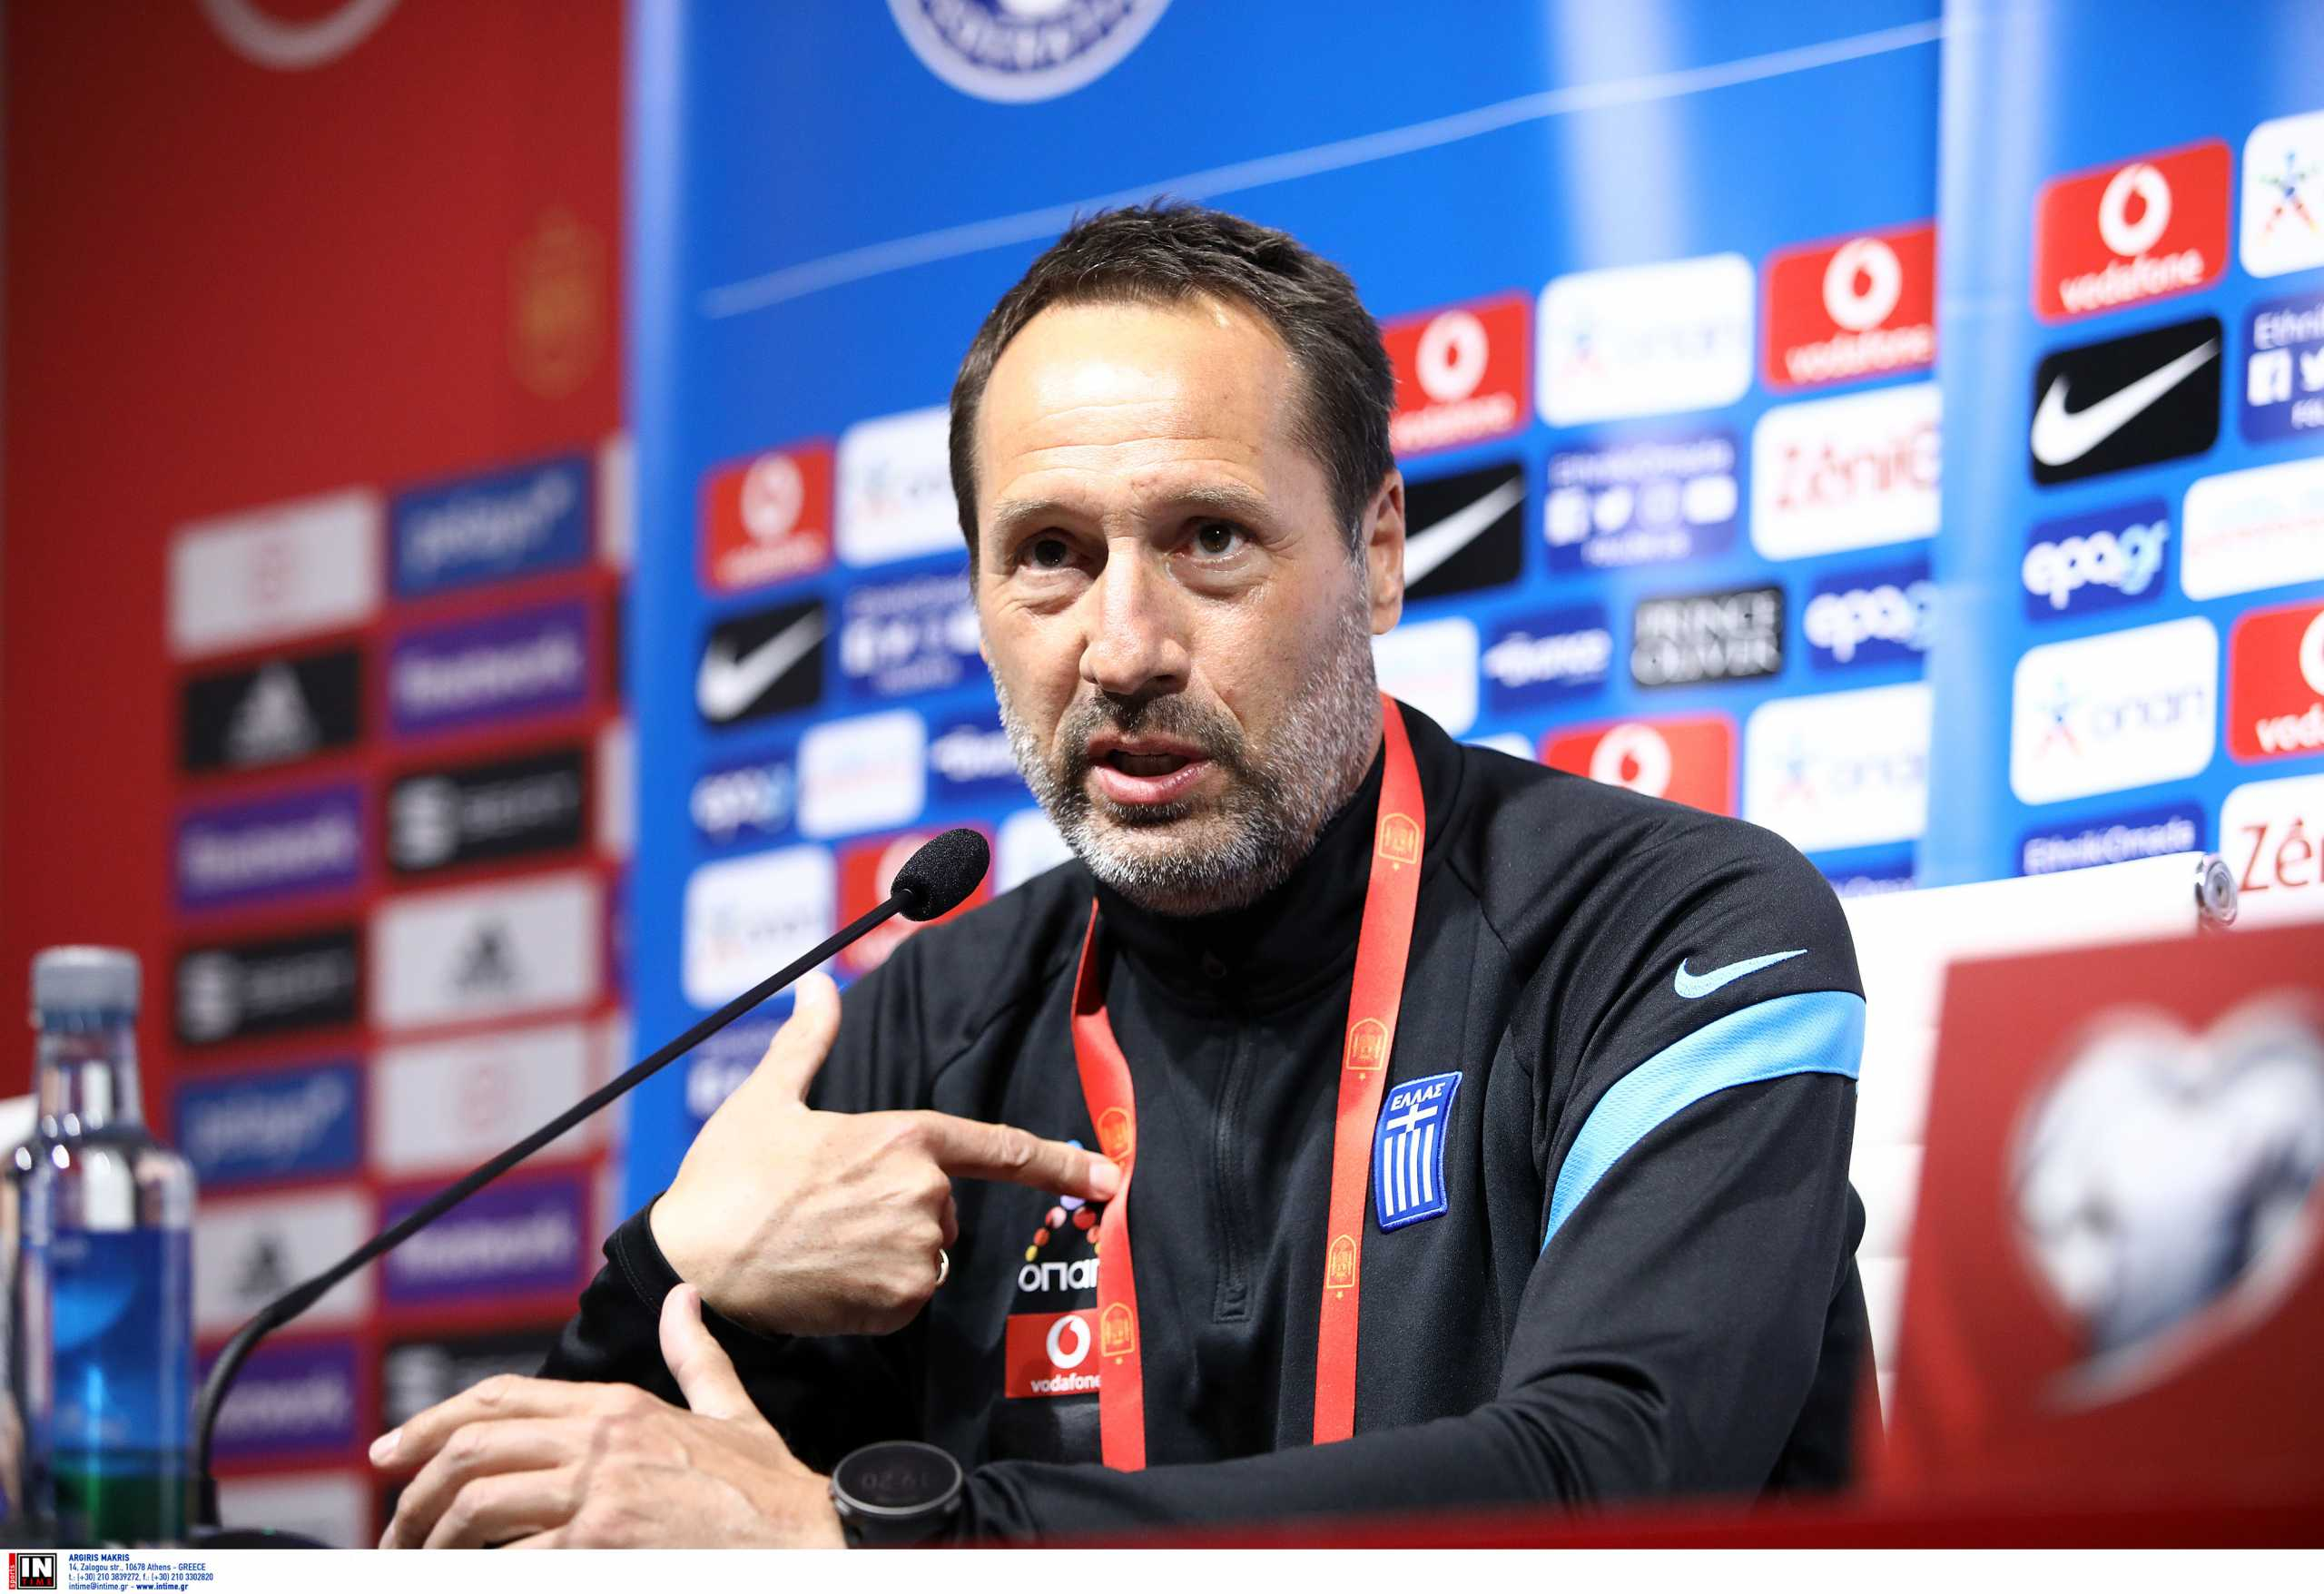 Φαν'τ Σιπ: «Εξαιρετικά ουσιαστικά τα ματς με Νορβηγία και Βέλγιο για την Εθνική»